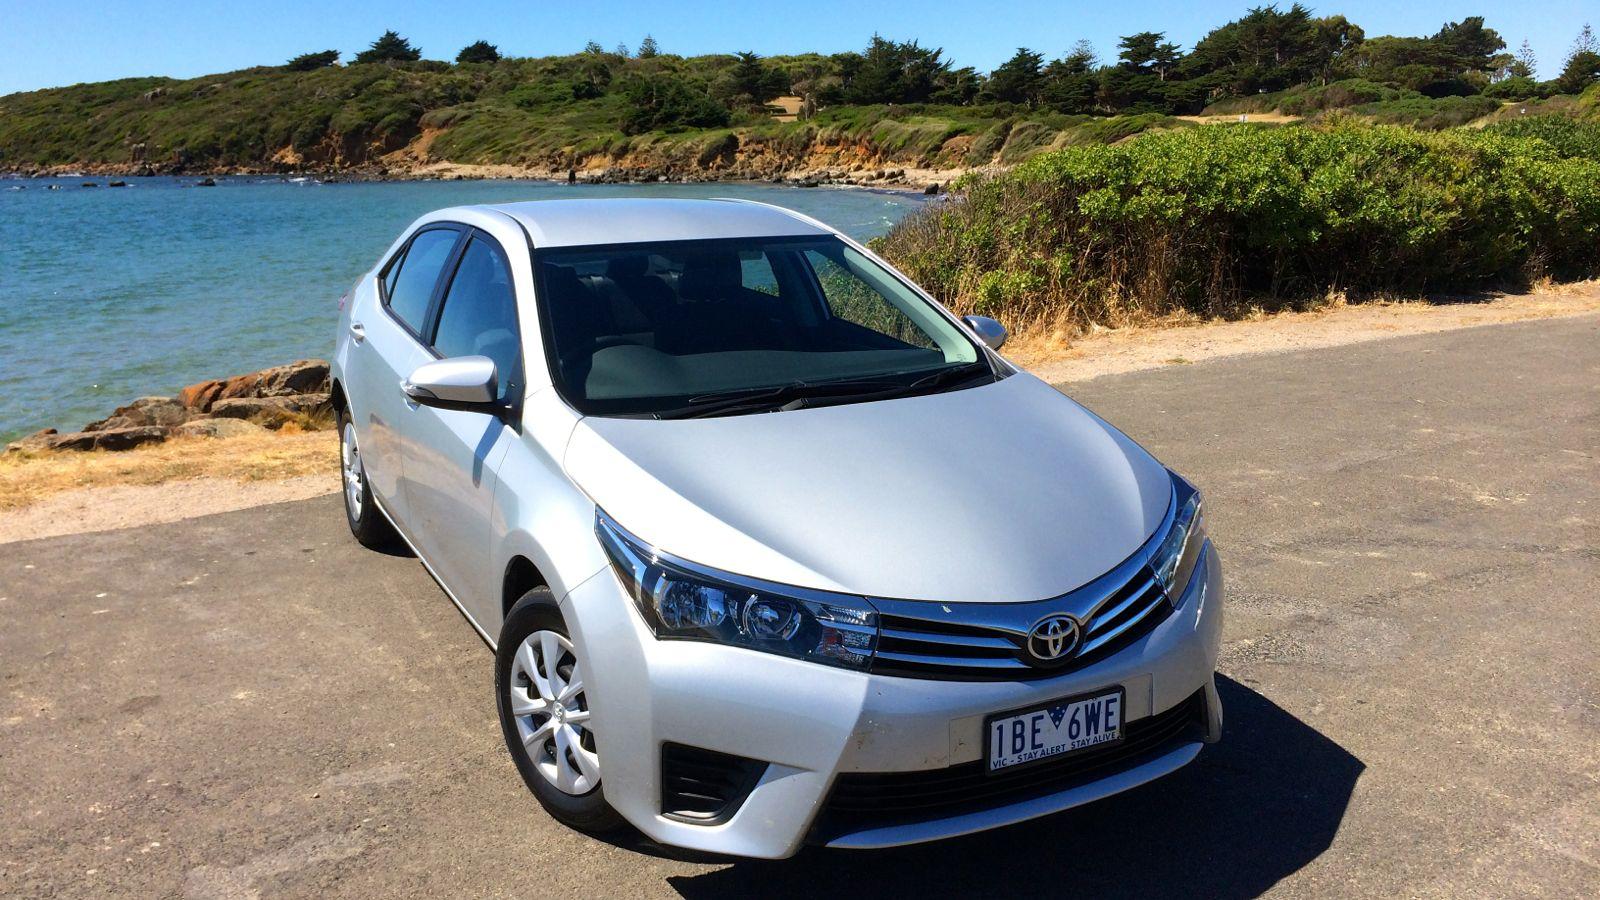 Sedan Automobile: 2014 Toyota Corolla Sedan Review